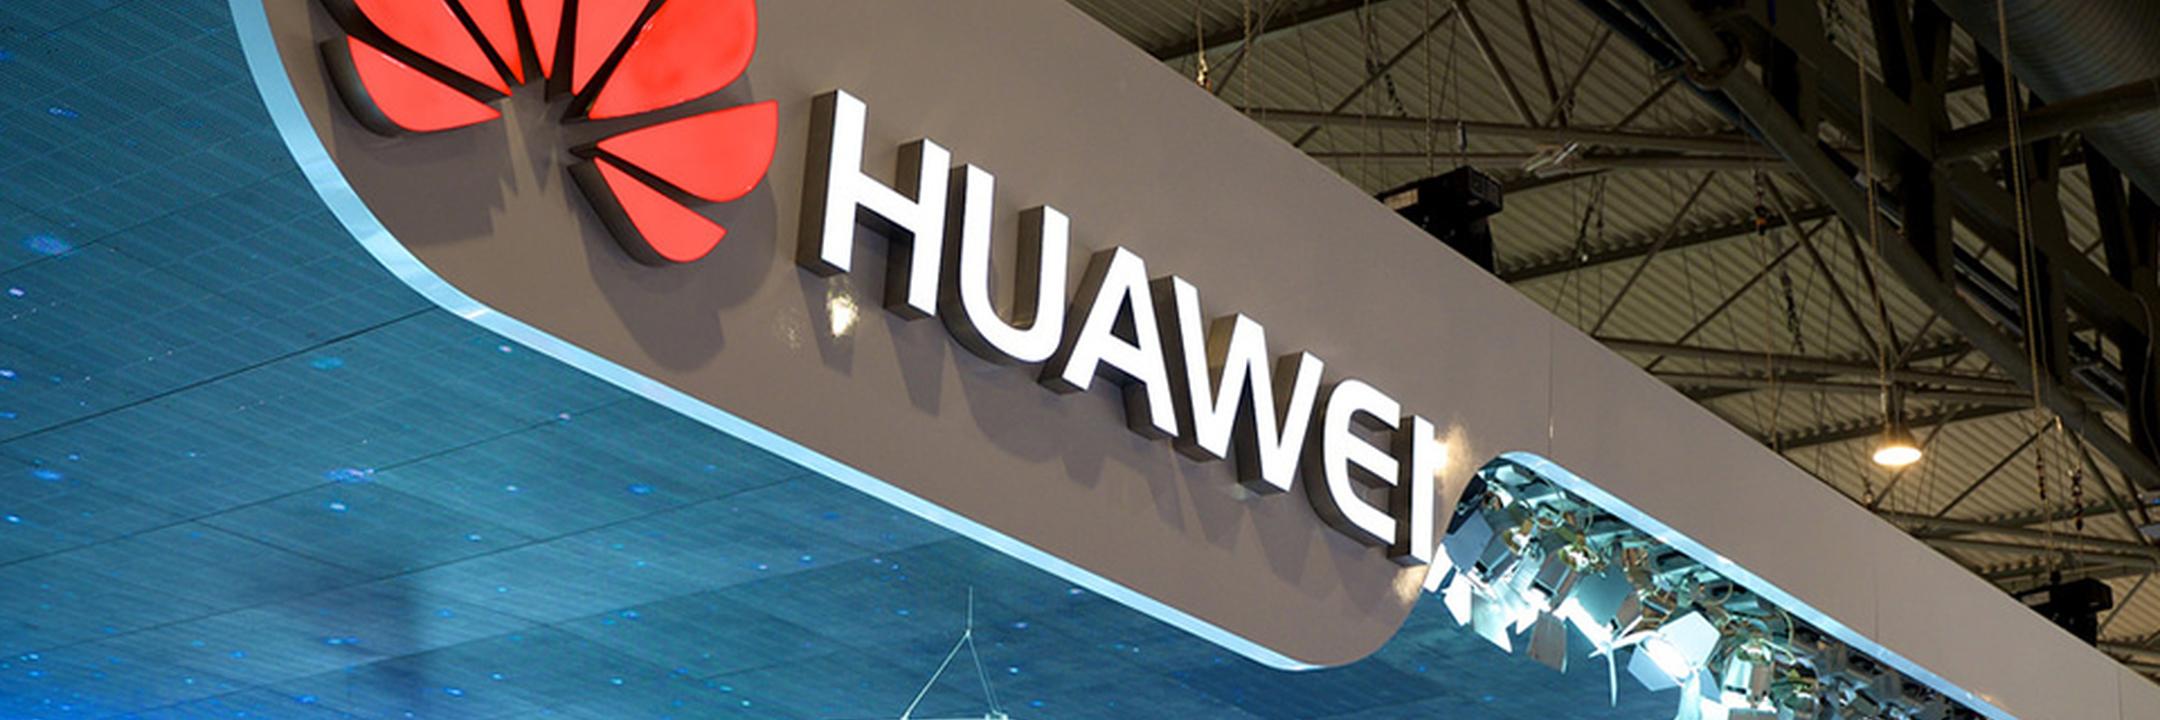 China ameaça Alemanha caso haja retaliações à Huawei